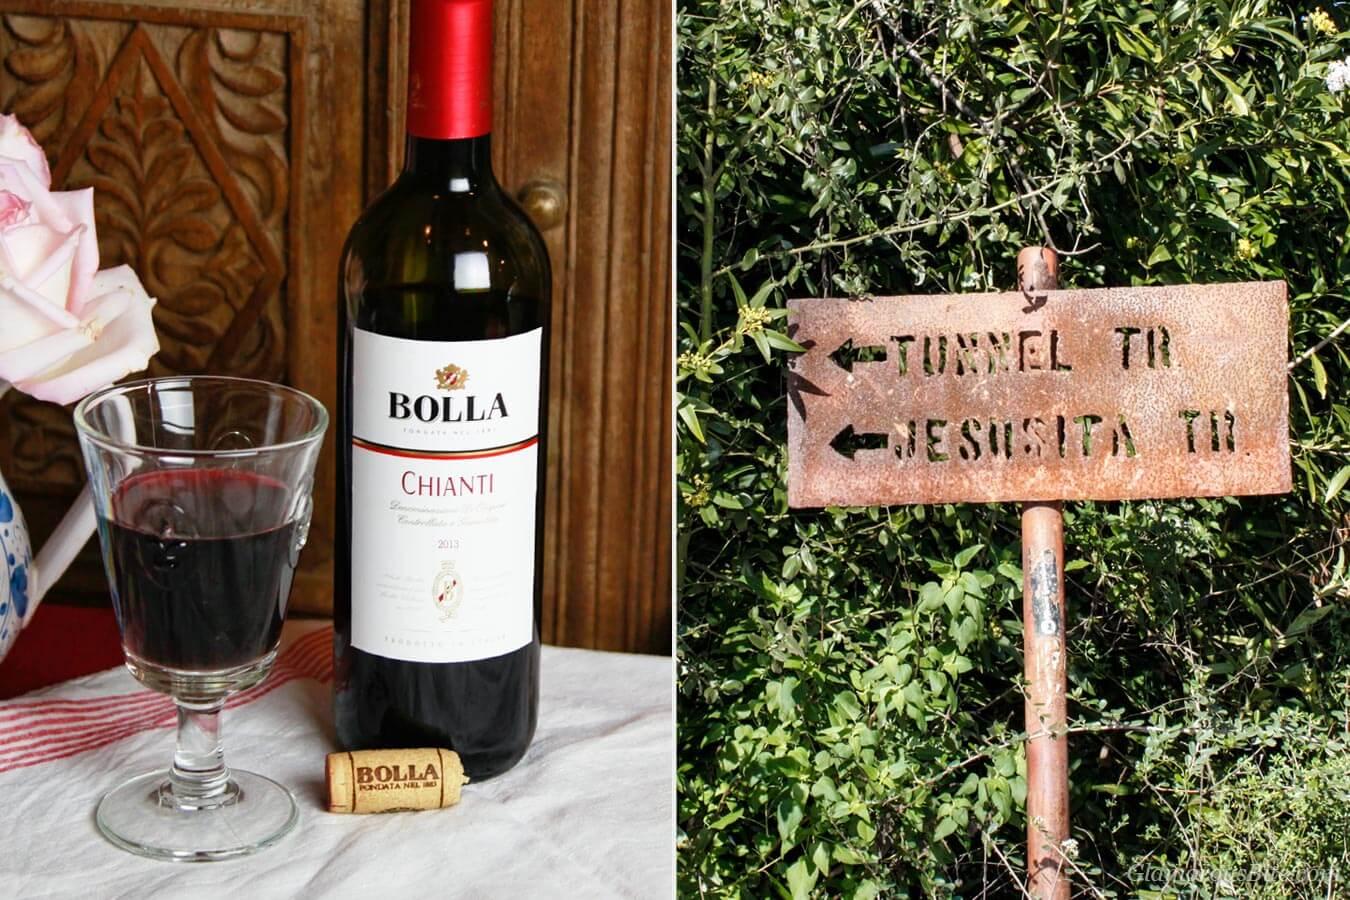 Bolla Wine & Tunnel Trail Jesusita Trail sign